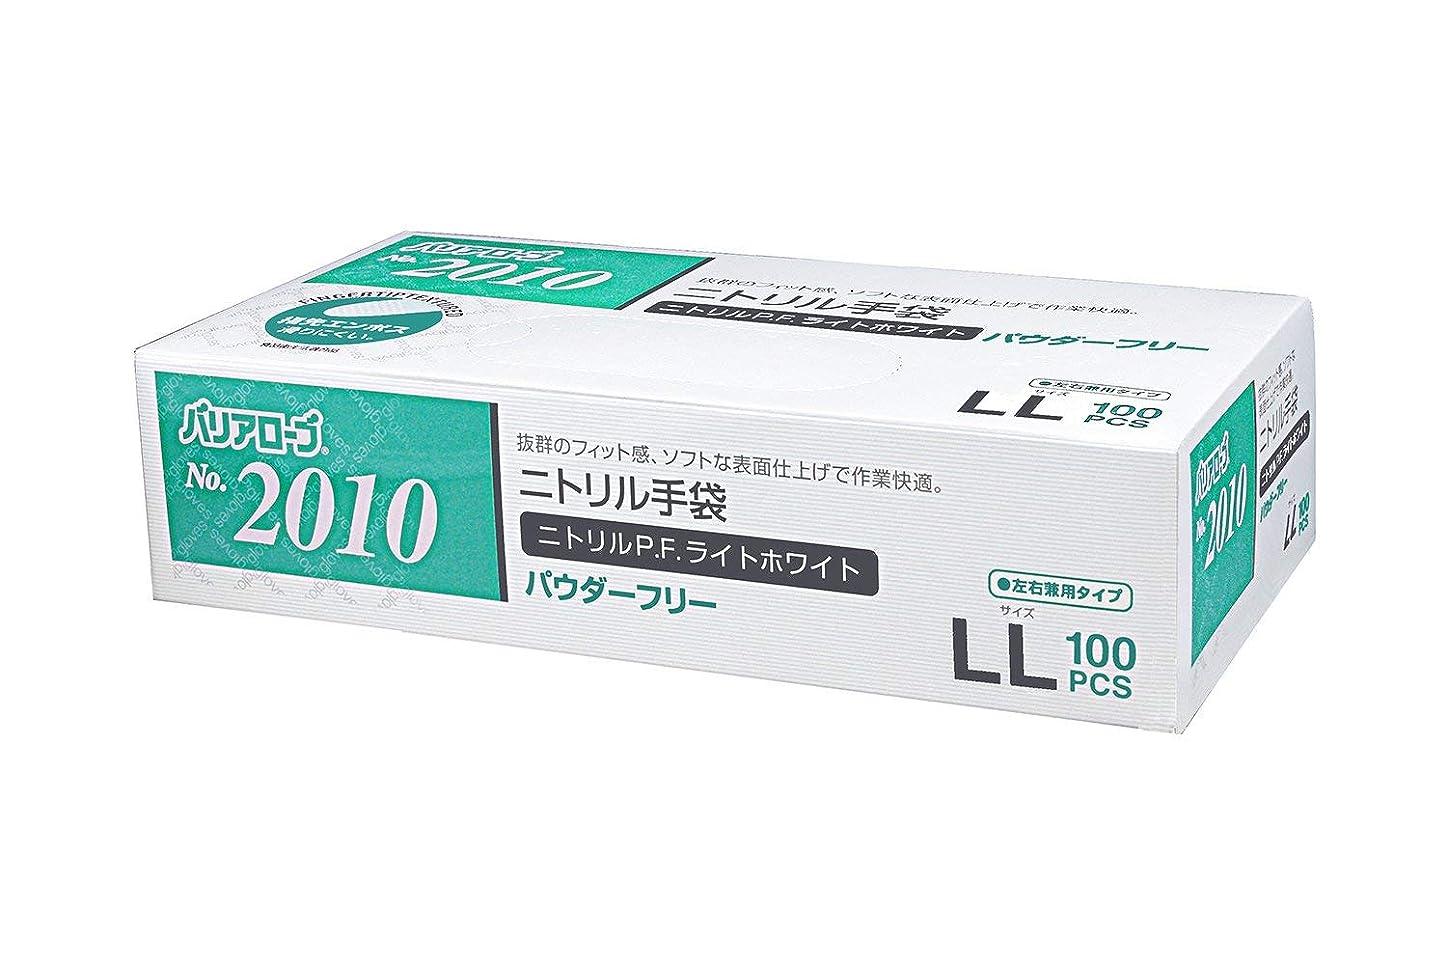 狂信者ヒール原子【ケース販売】 バリアローブ №2010 ニトリルP.F.ライト ホワイト (パウダーフリー) LL 2000枚(100枚×20箱)